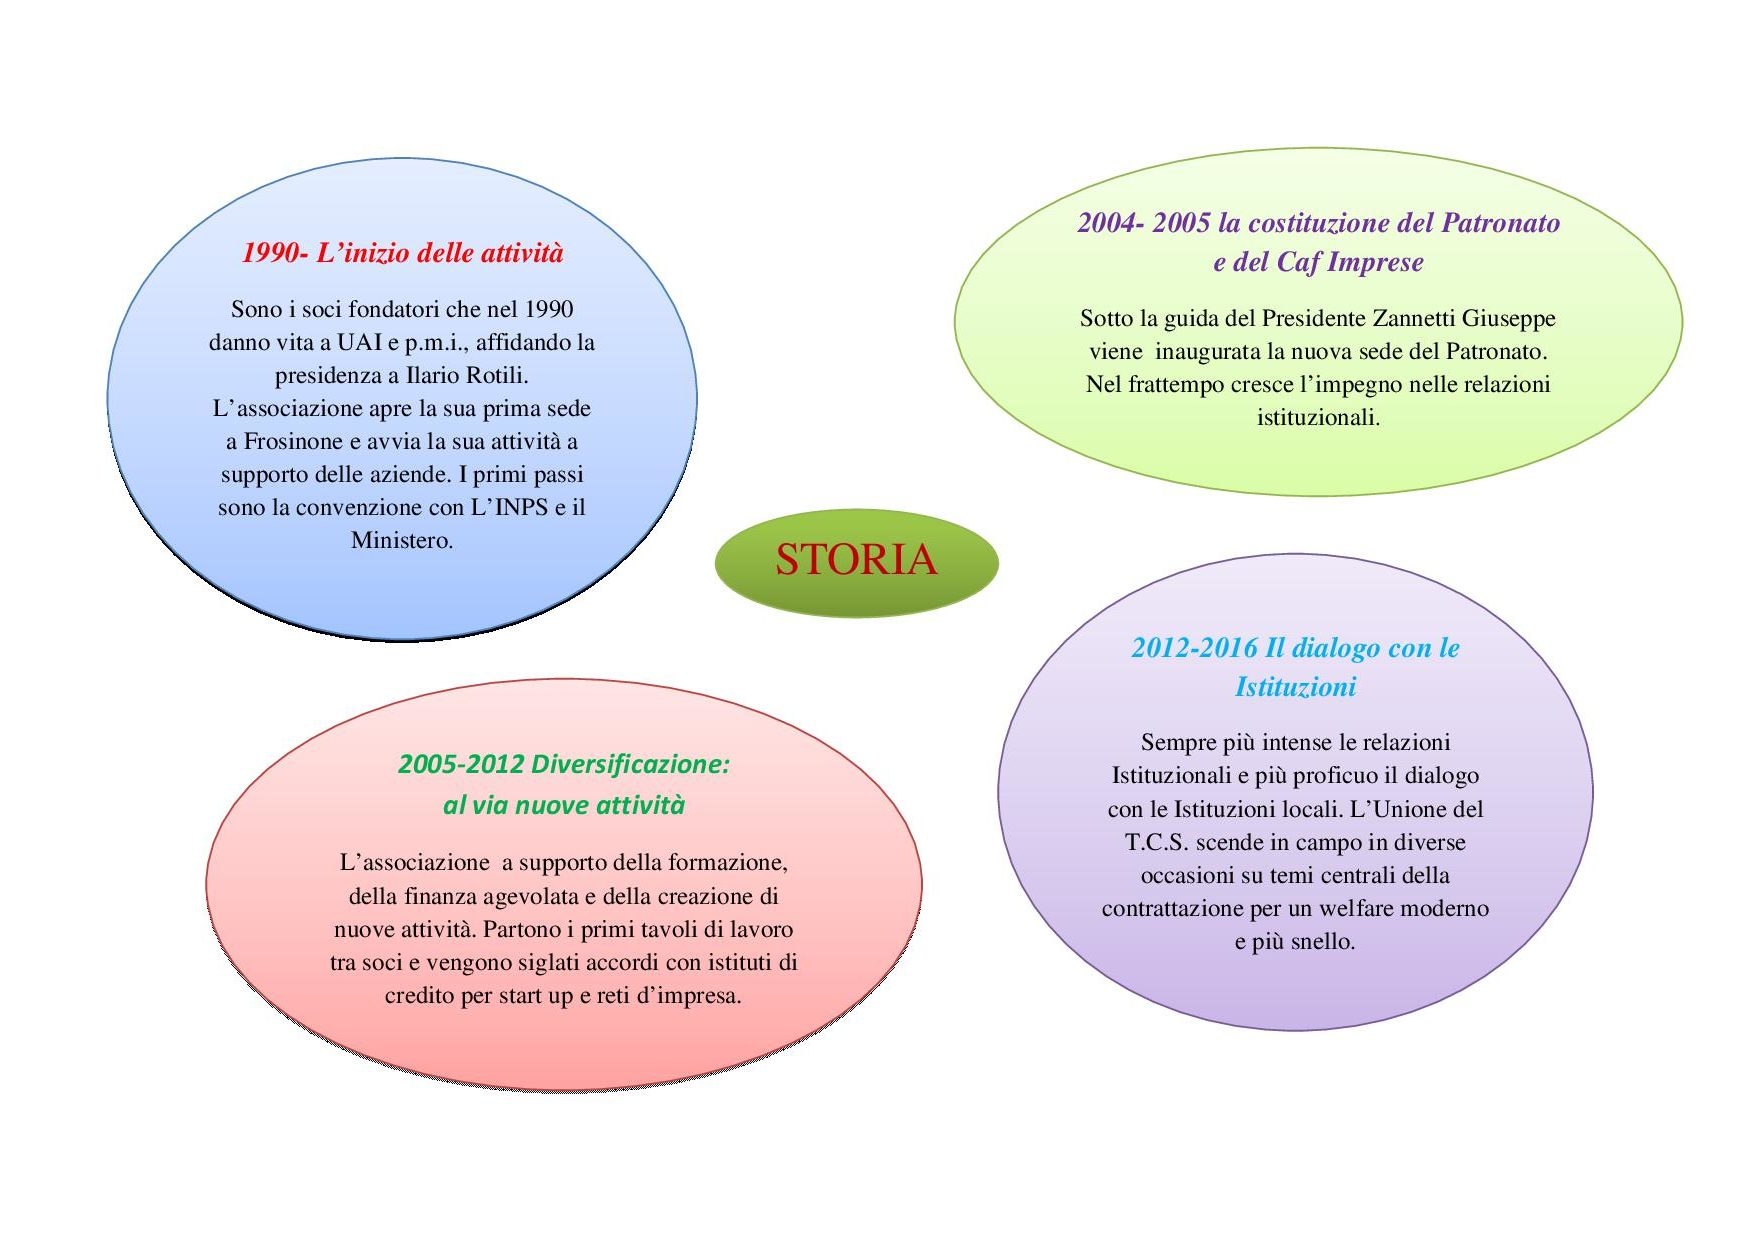 sito web uai terziario12